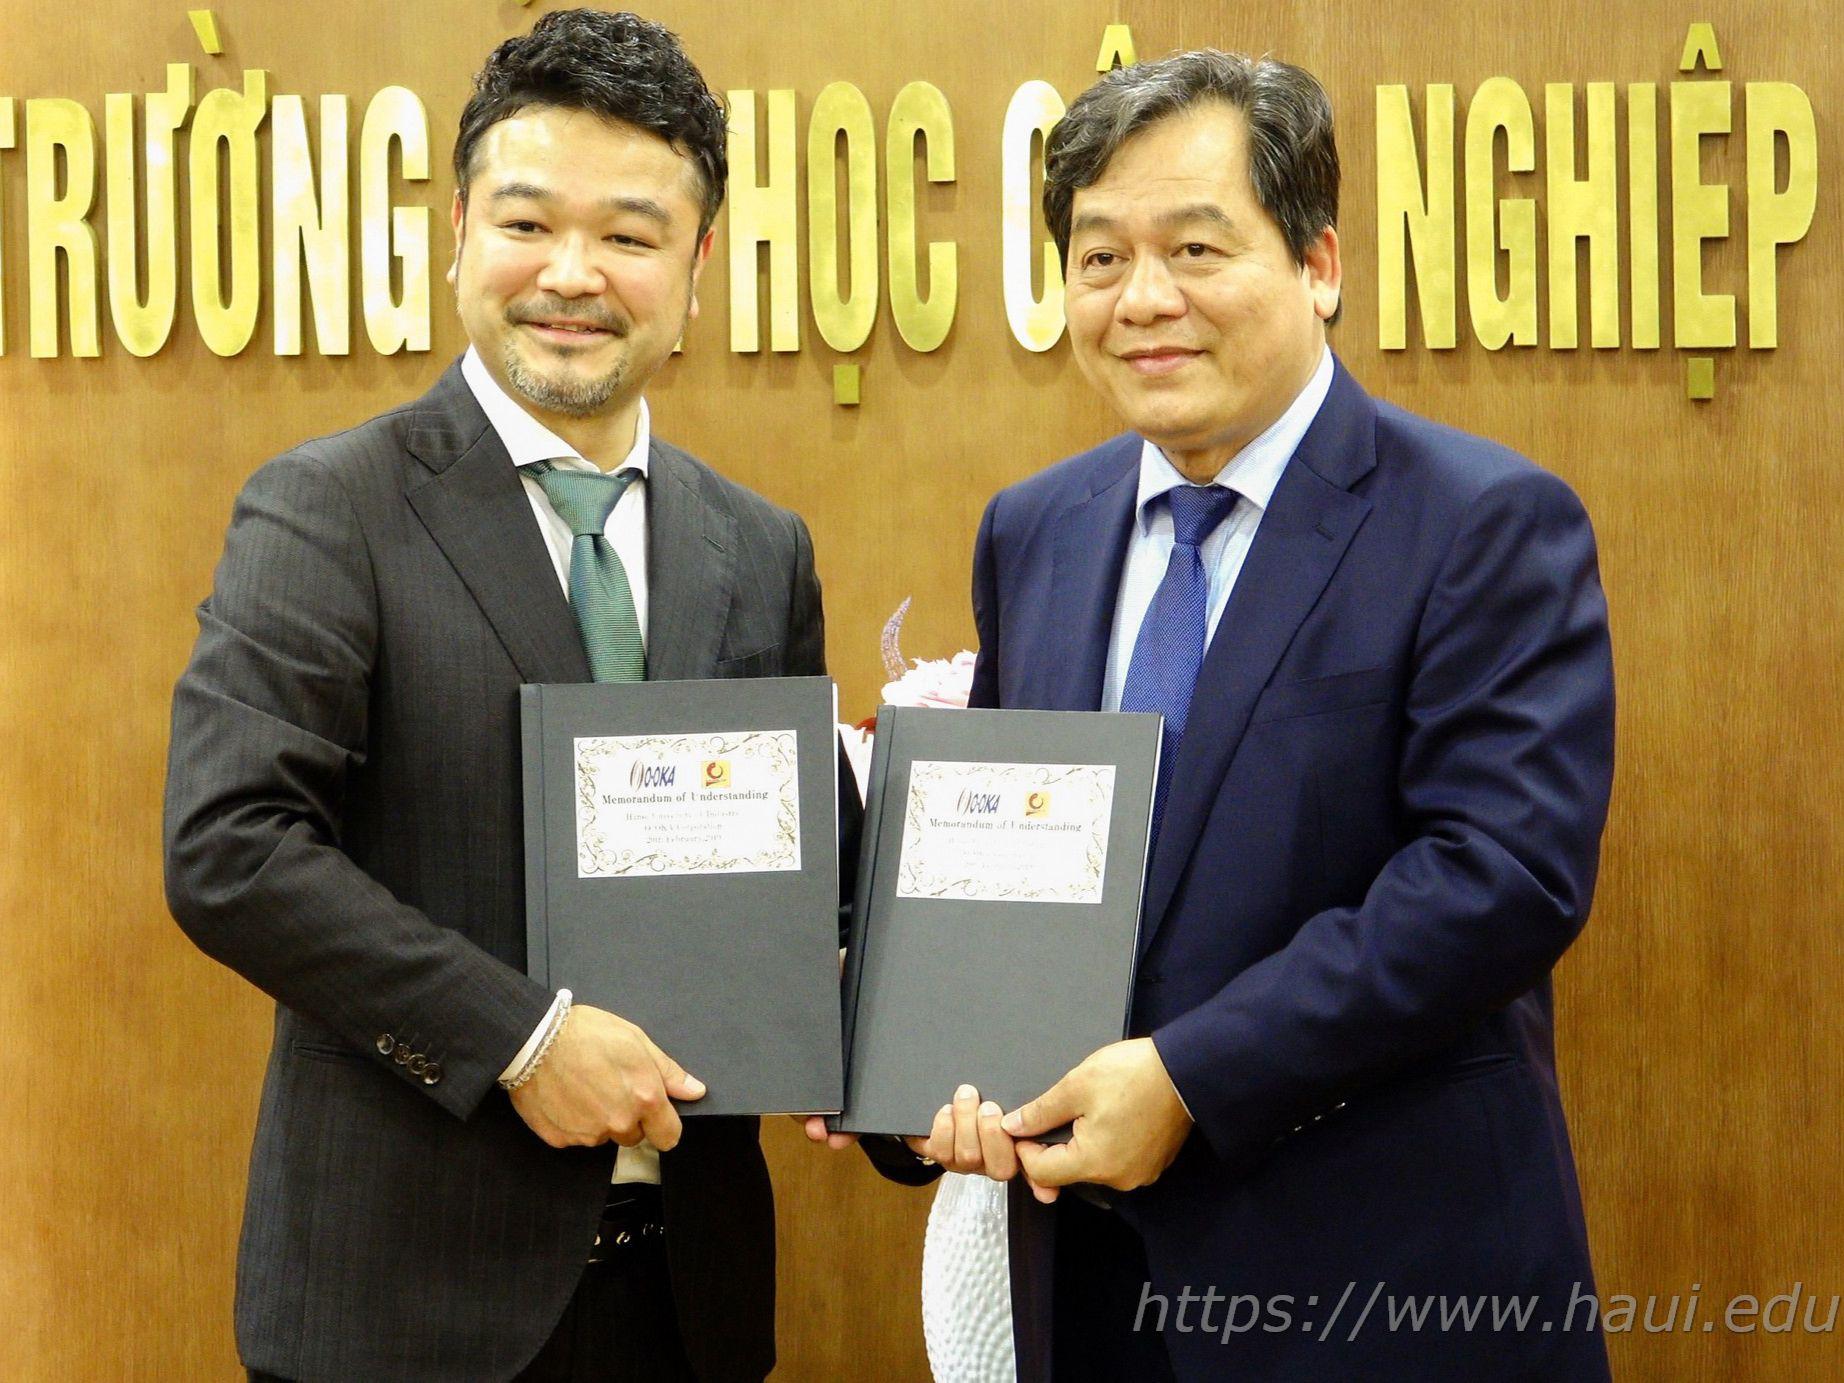 Hợp tác liên kết đào tạo và tuyển dụng sinh viên Đại học Công nghiệp Hà Nội làm việc tại Nhật Bản